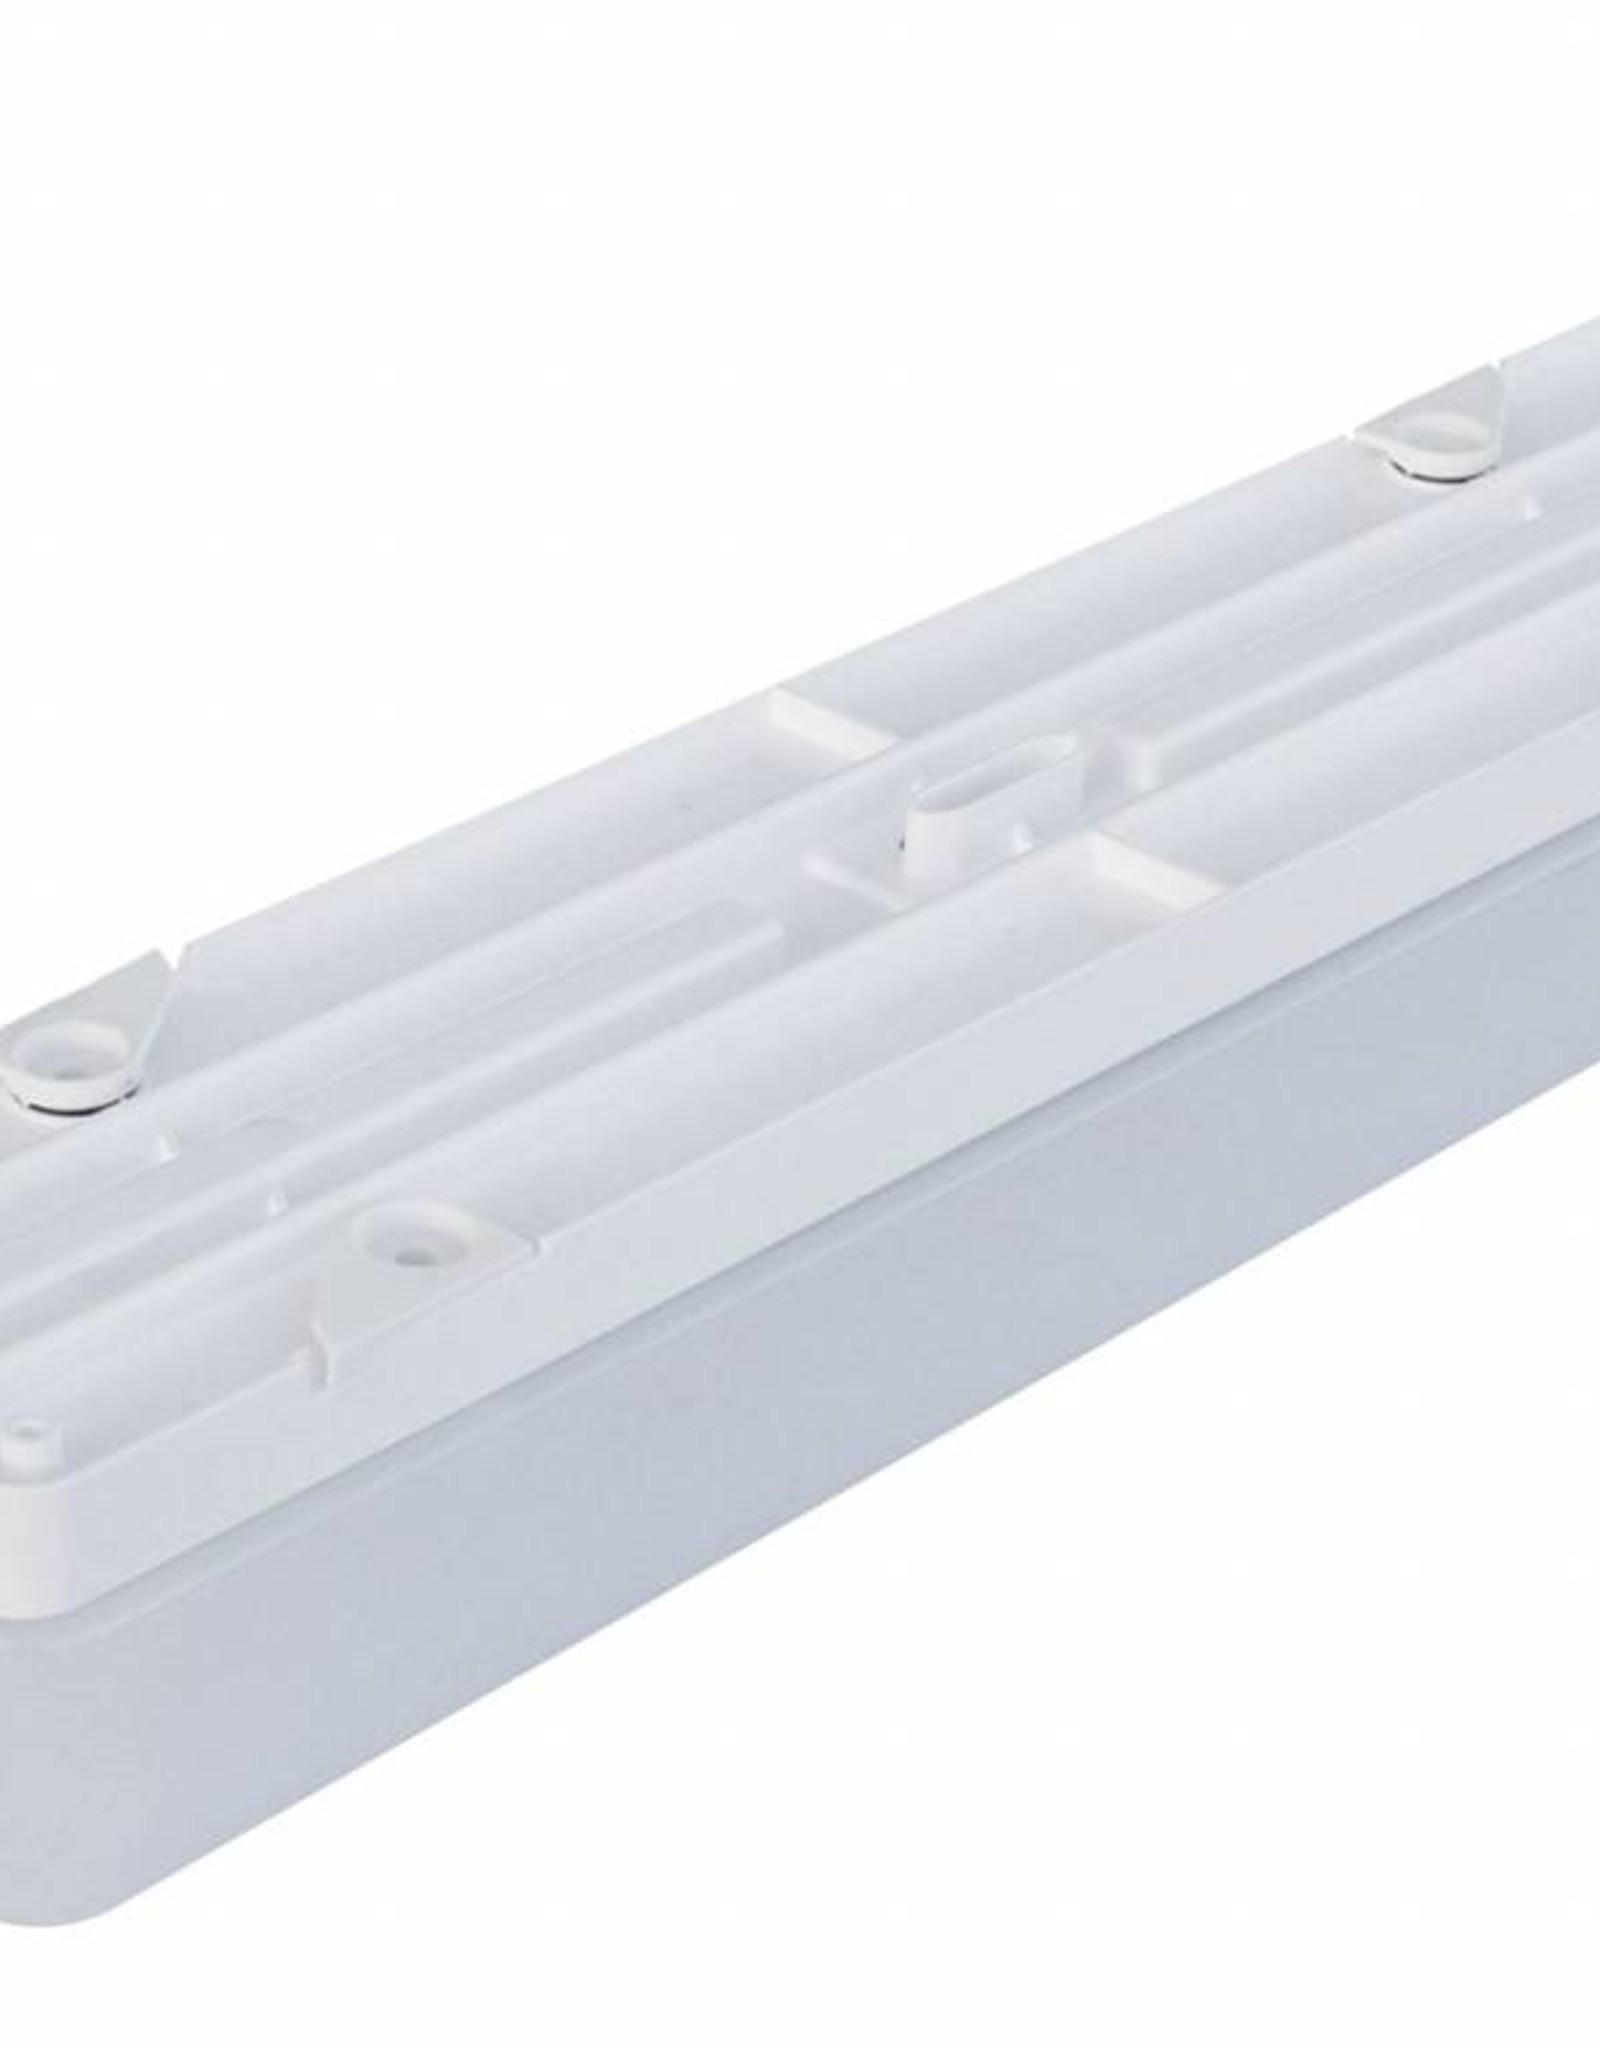 Linea 2.4ft 6400/840 DALI